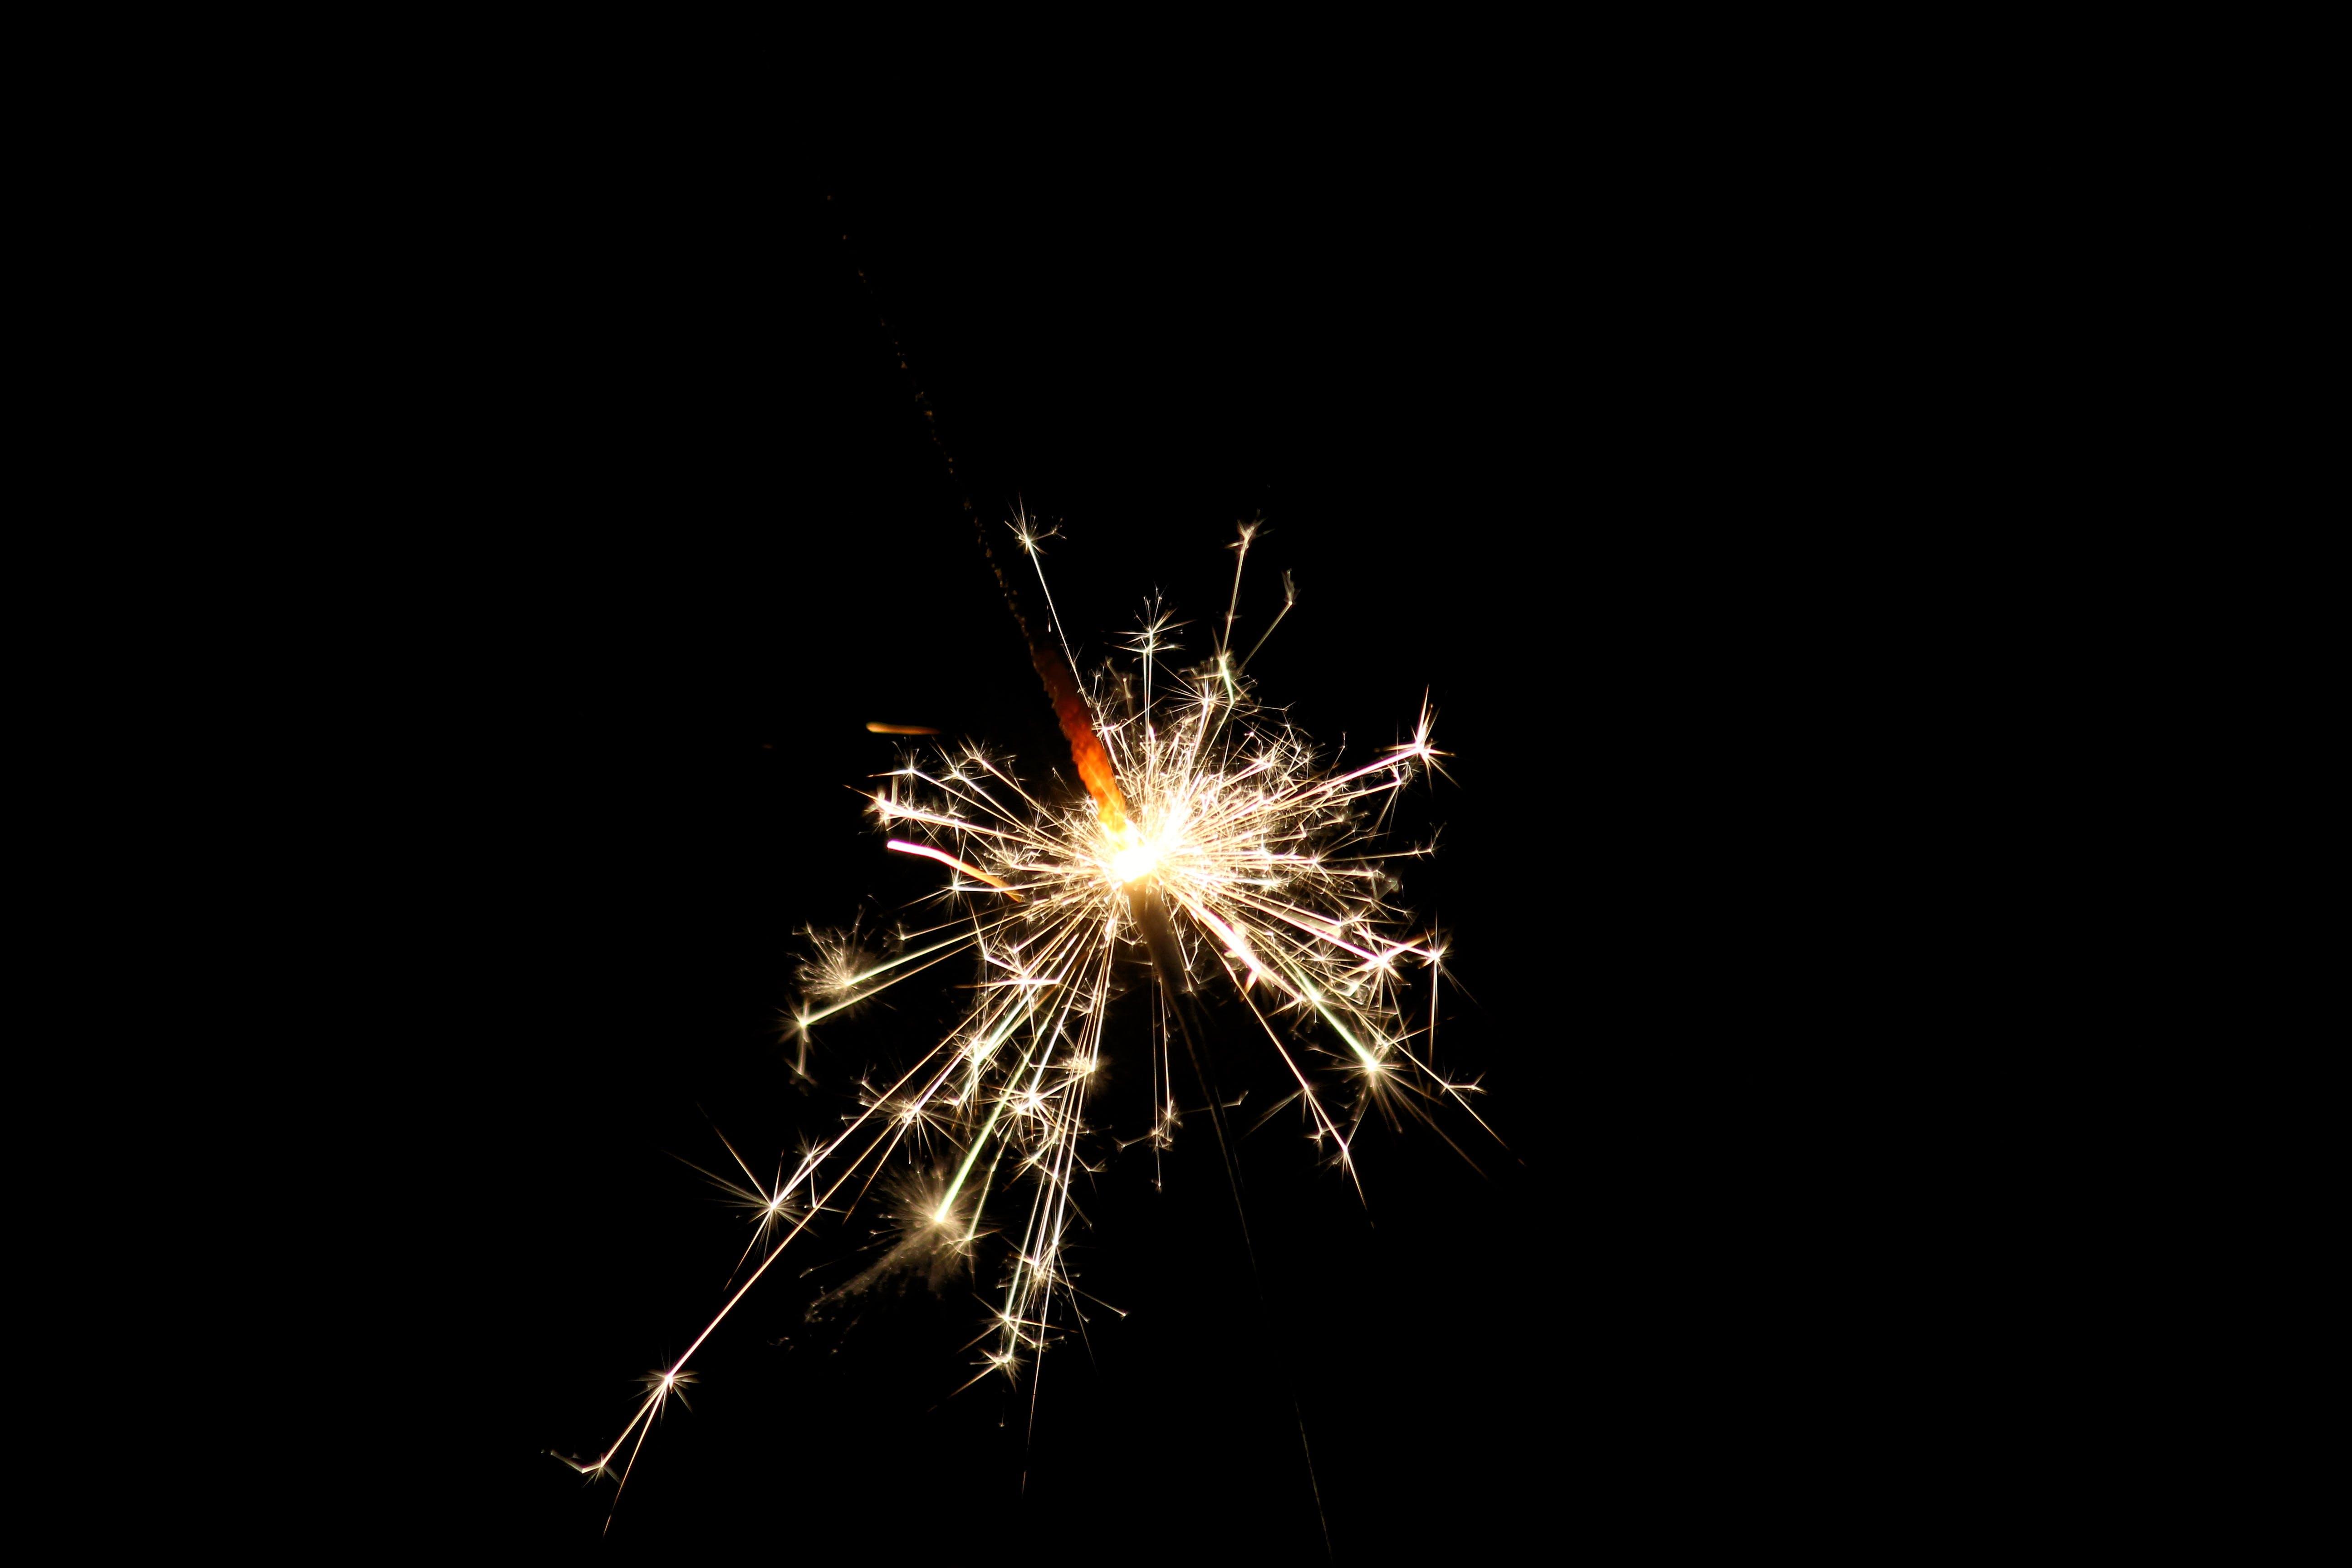 뜨거운, 반짝이는, 번쩍이는, 불꽃의 무료 스톡 사진